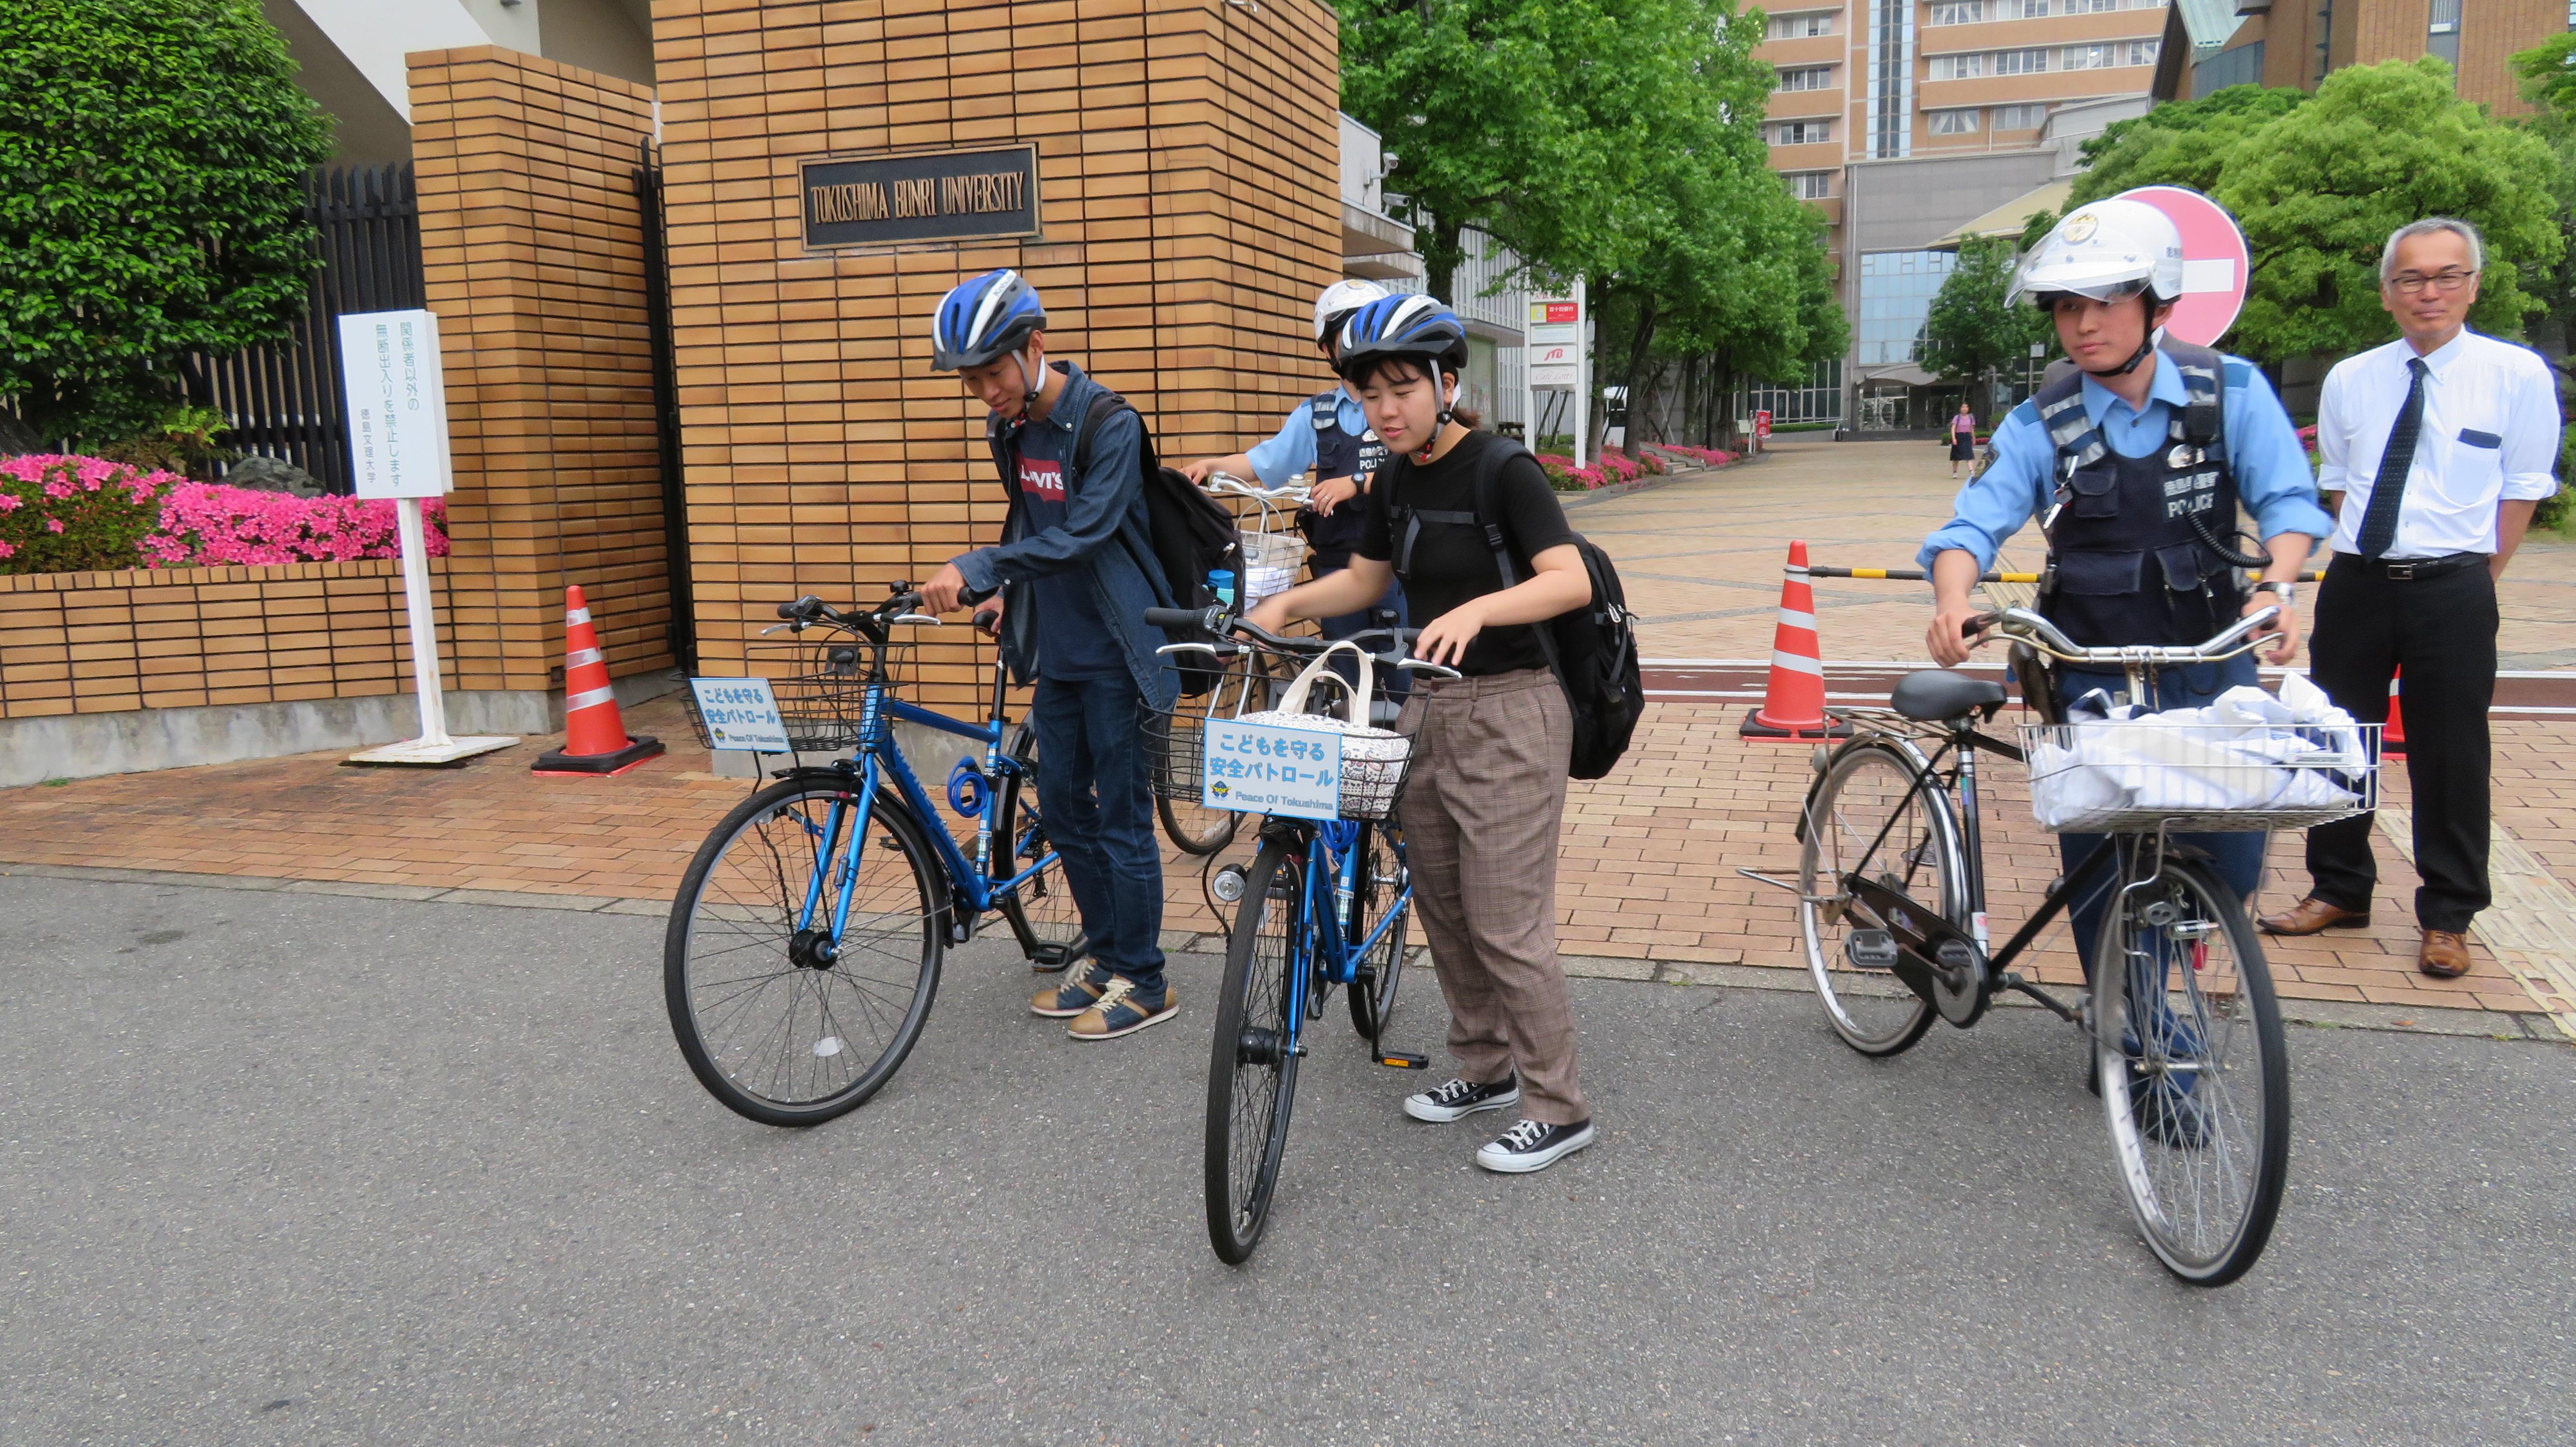 徳島文理大学の学生が自転車で小学校の通学路をパトロール -- 「青チャリ」で子どもたちを犯罪被害から守る